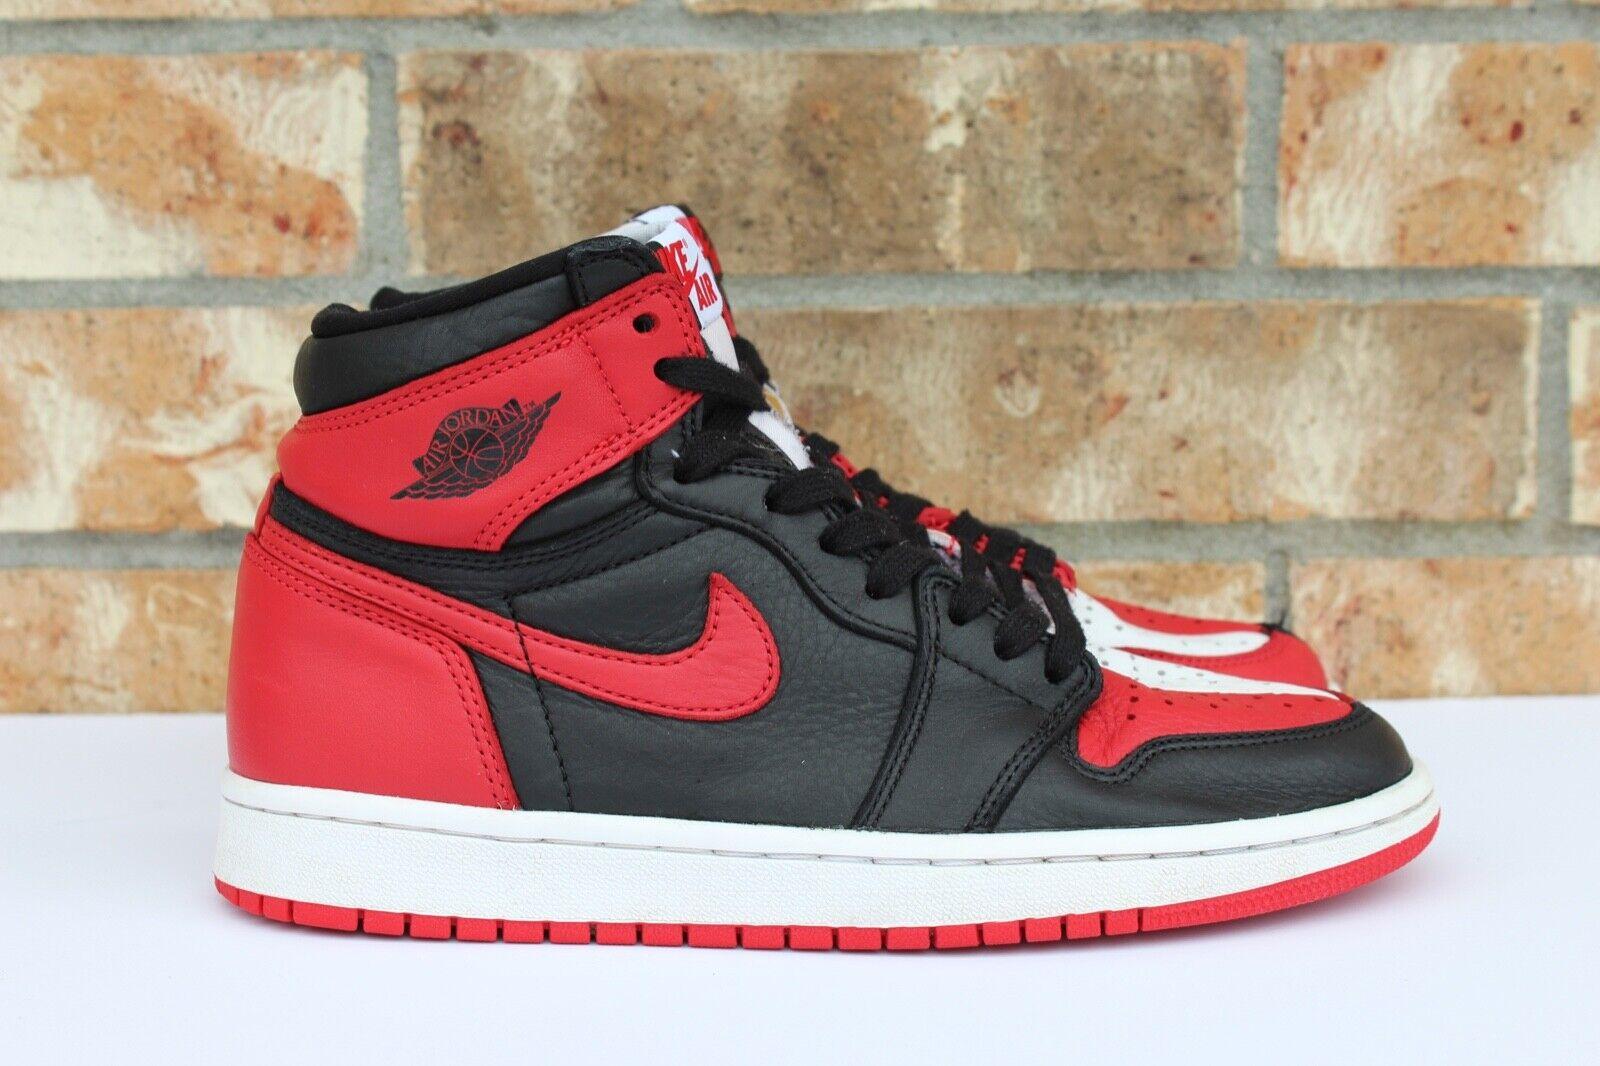 Men's Nike Air Jordan 1 Retro OG High NRG Homage To Home Size 6.5 861428-061